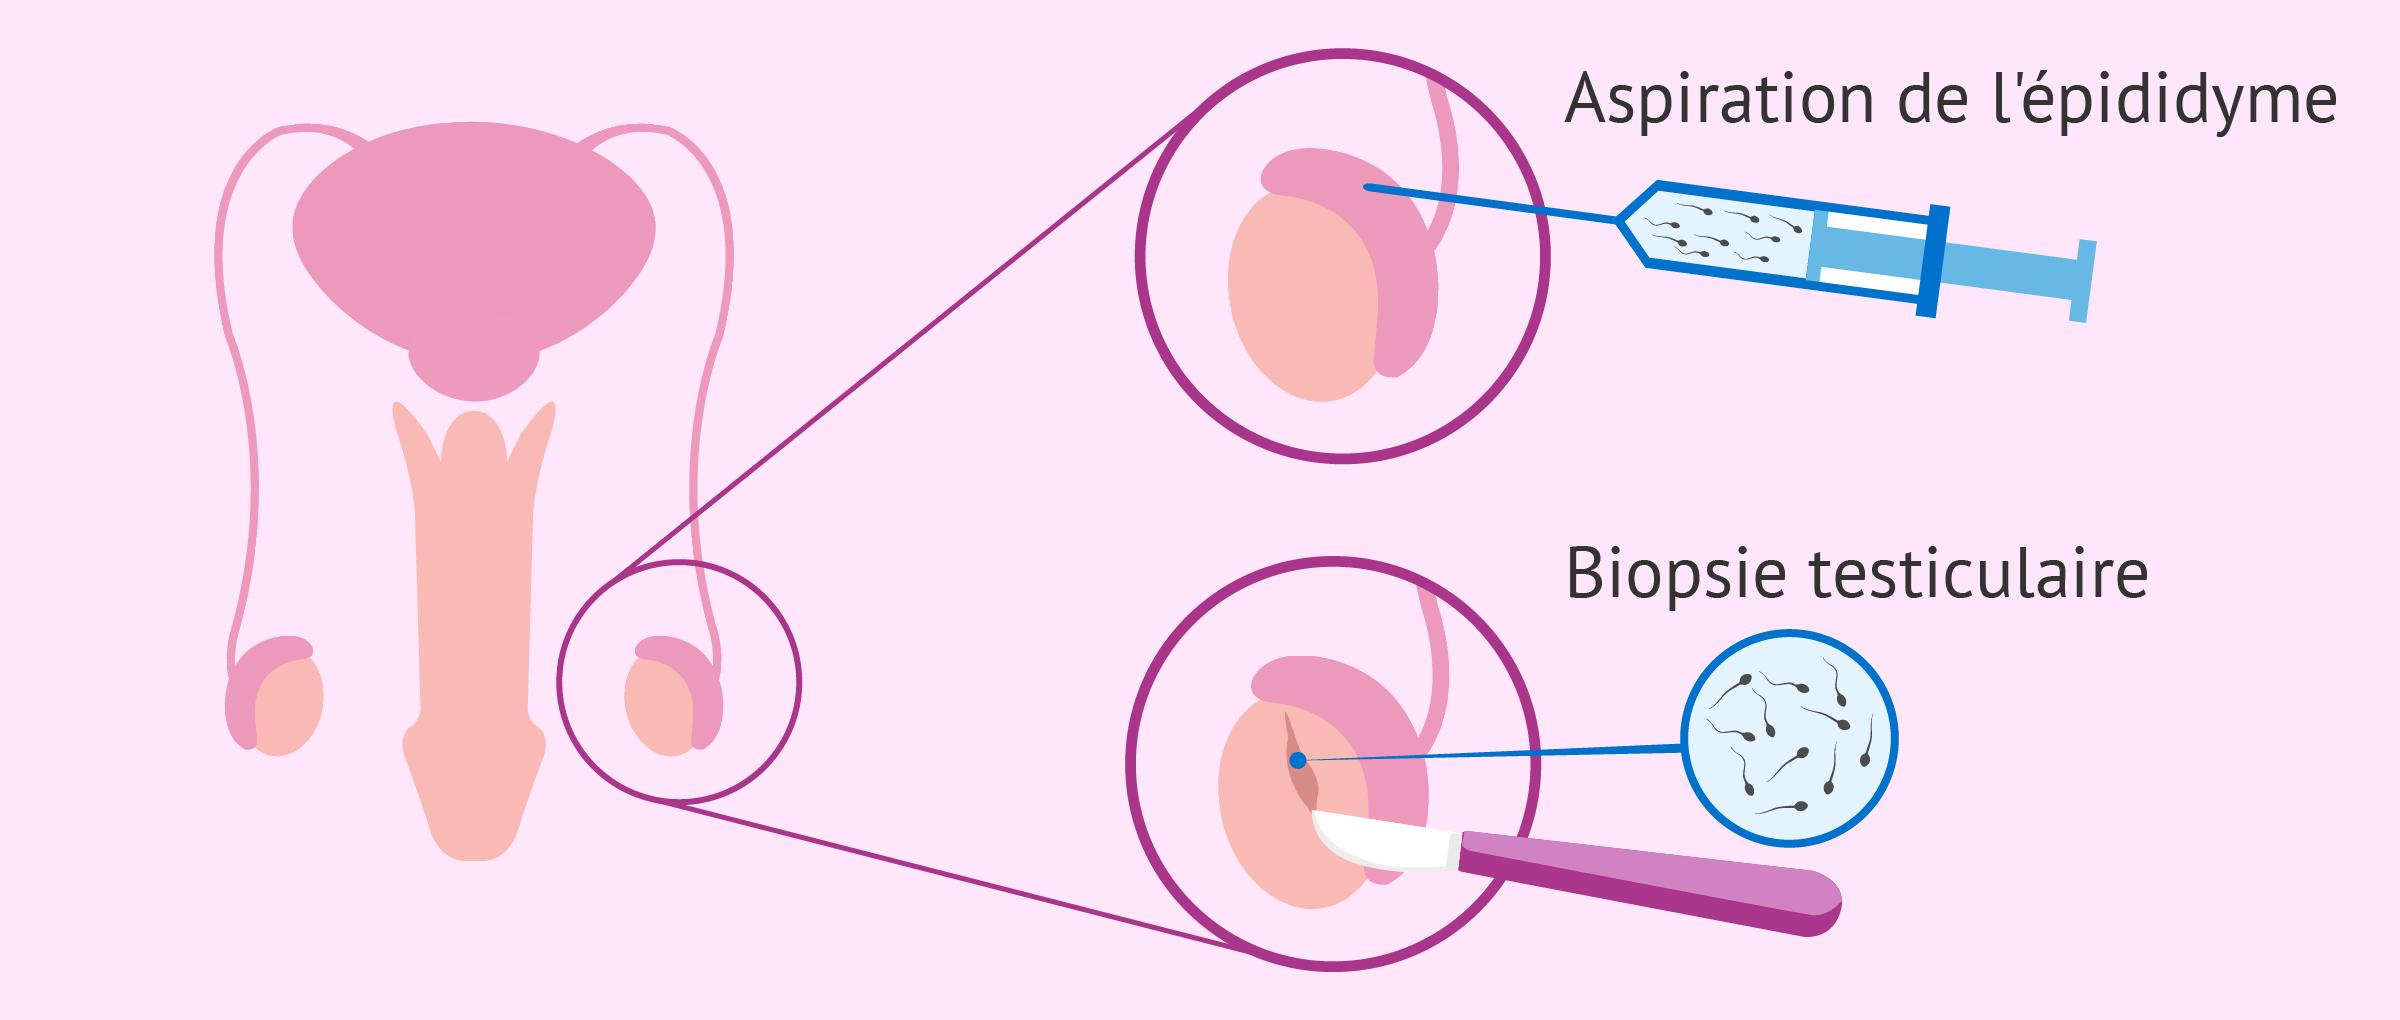 ICSI dans les cas d'infertilité masculine sévère